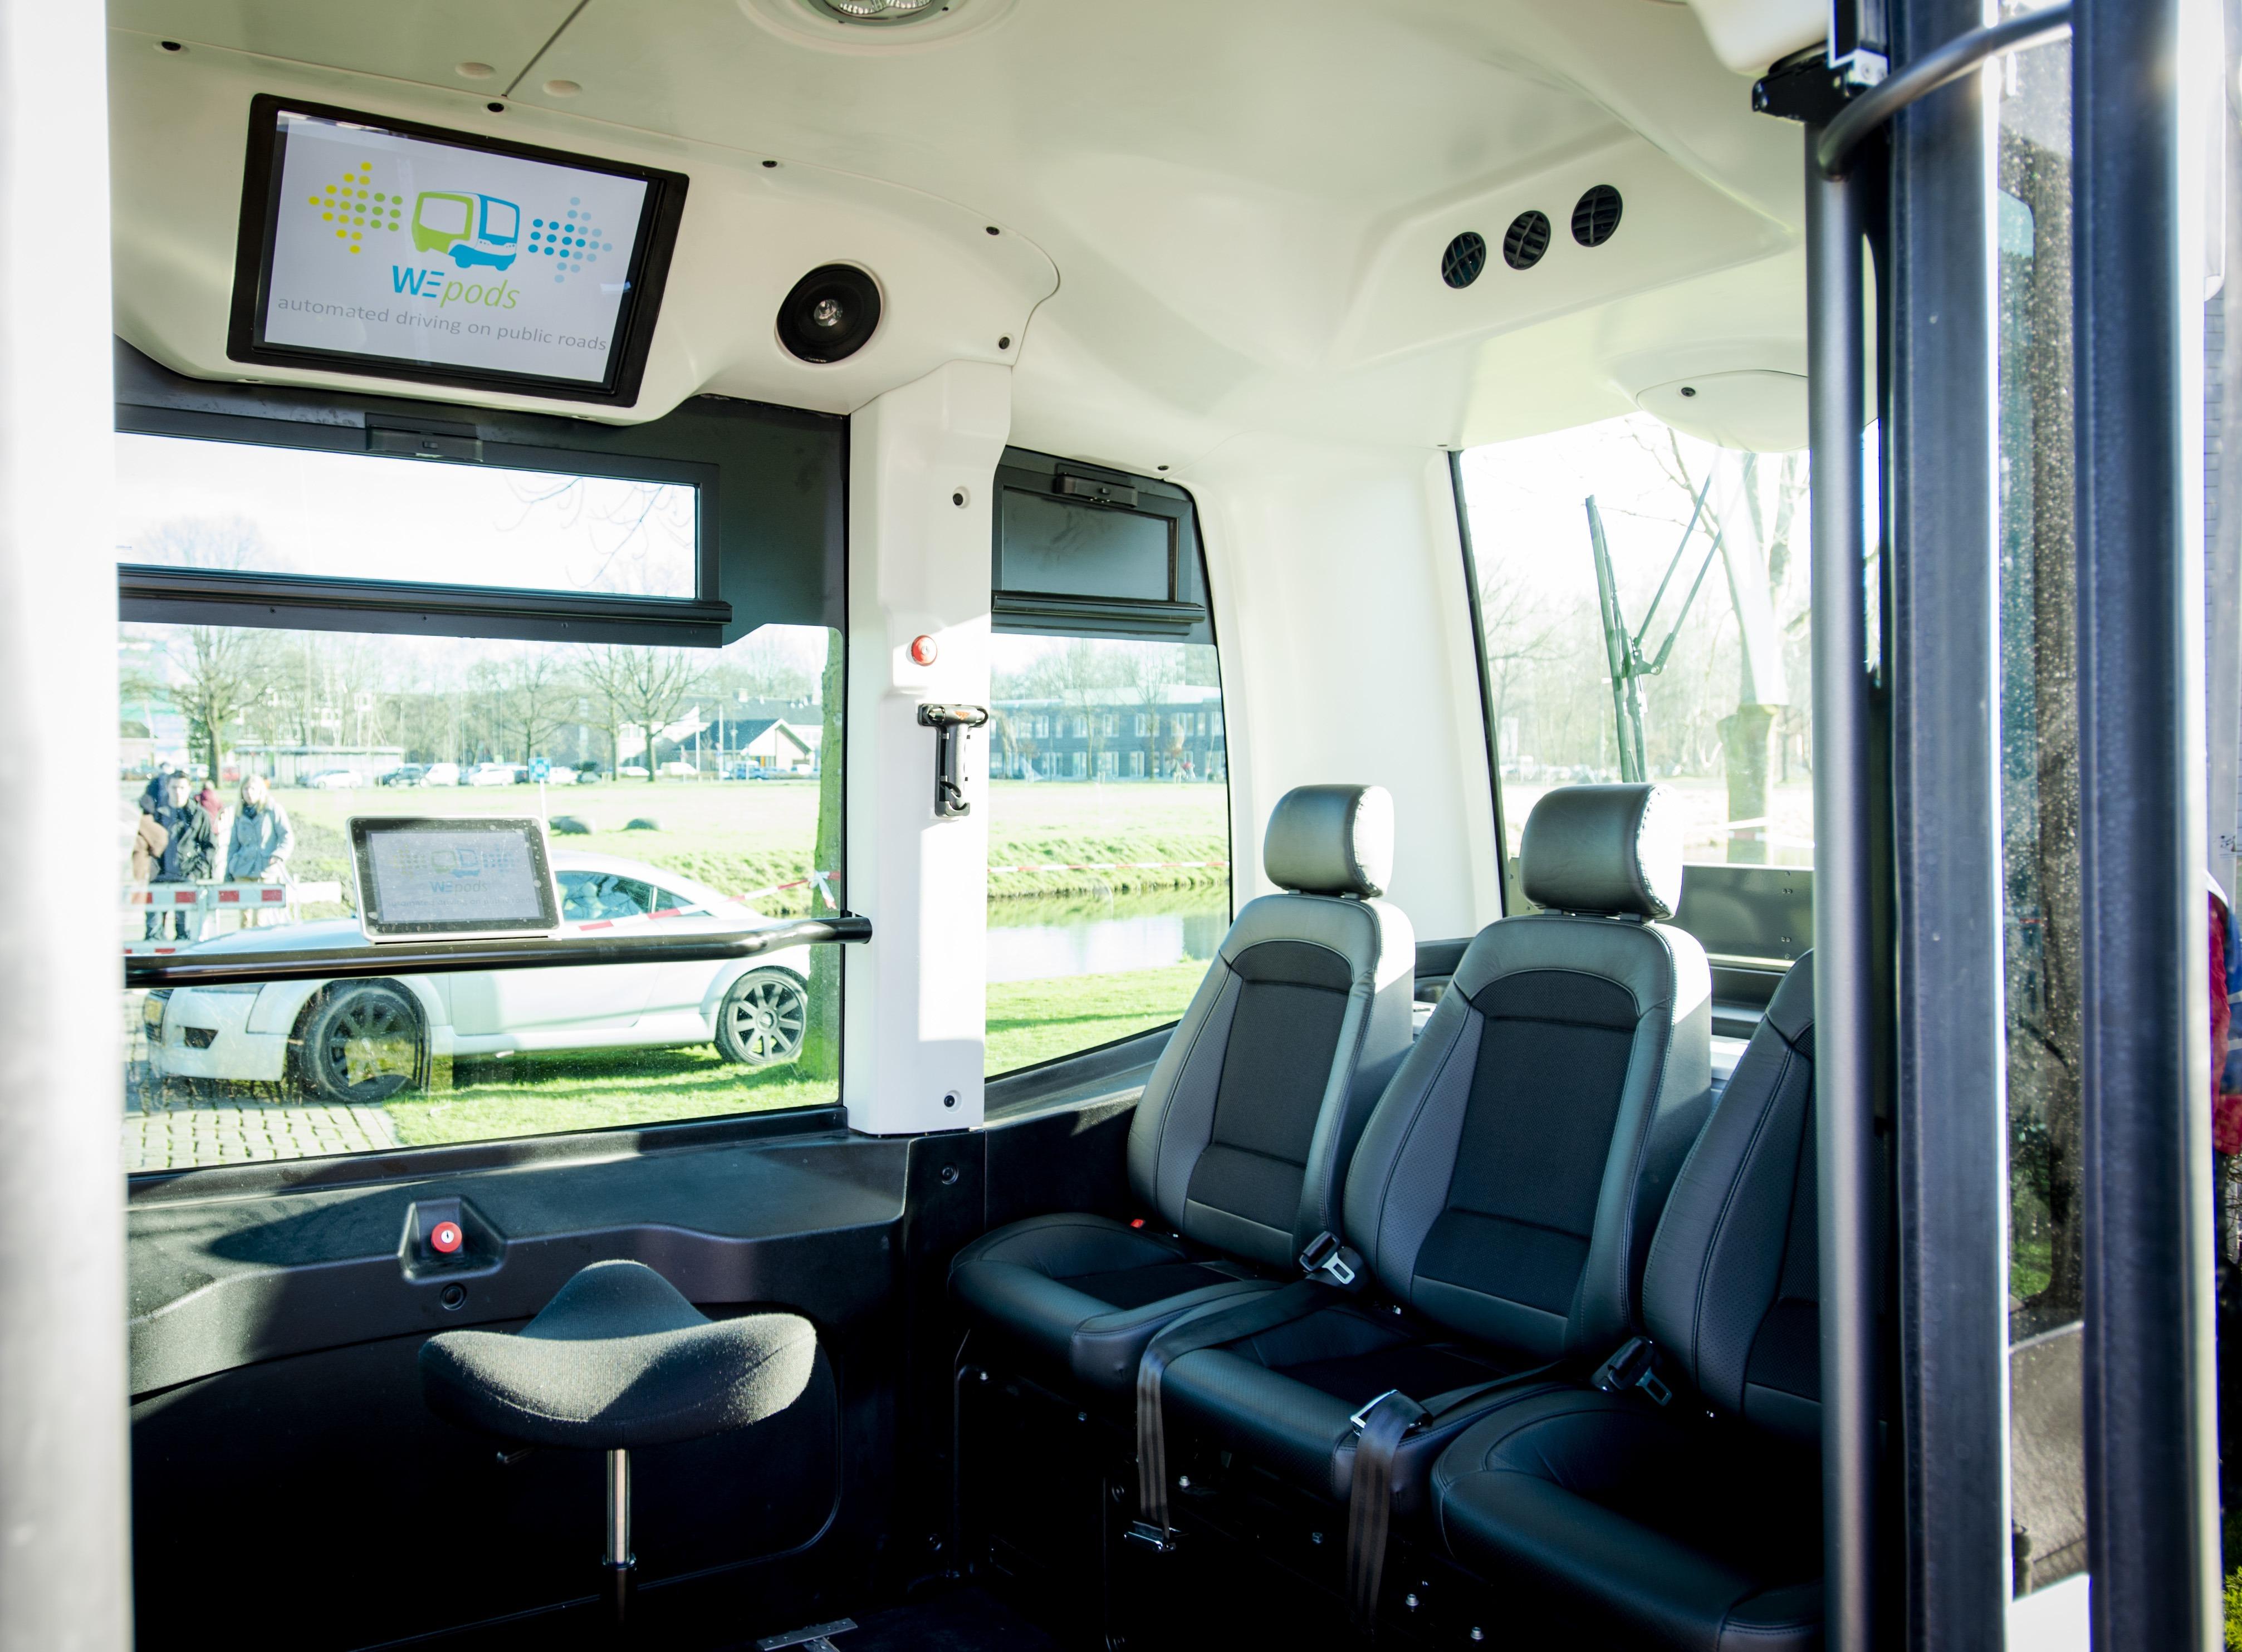 نظرة على الحافلة من الداخل